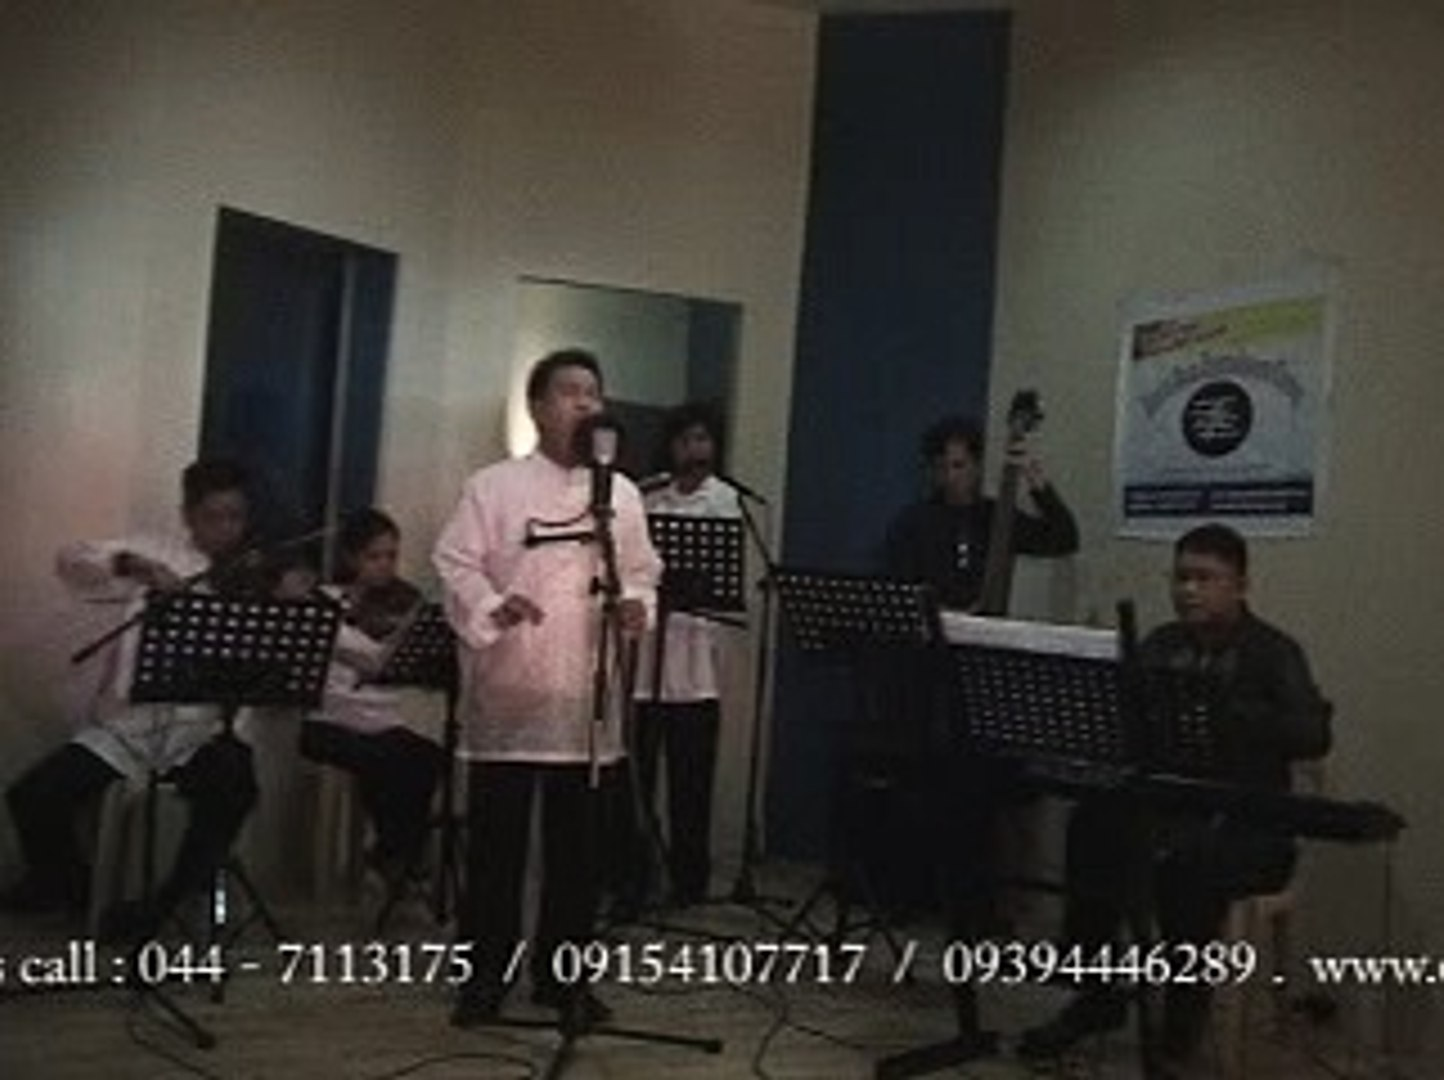 HANGGANG - MANILA WEDDING SINGERS AND MUSICIANS (String Quartet)